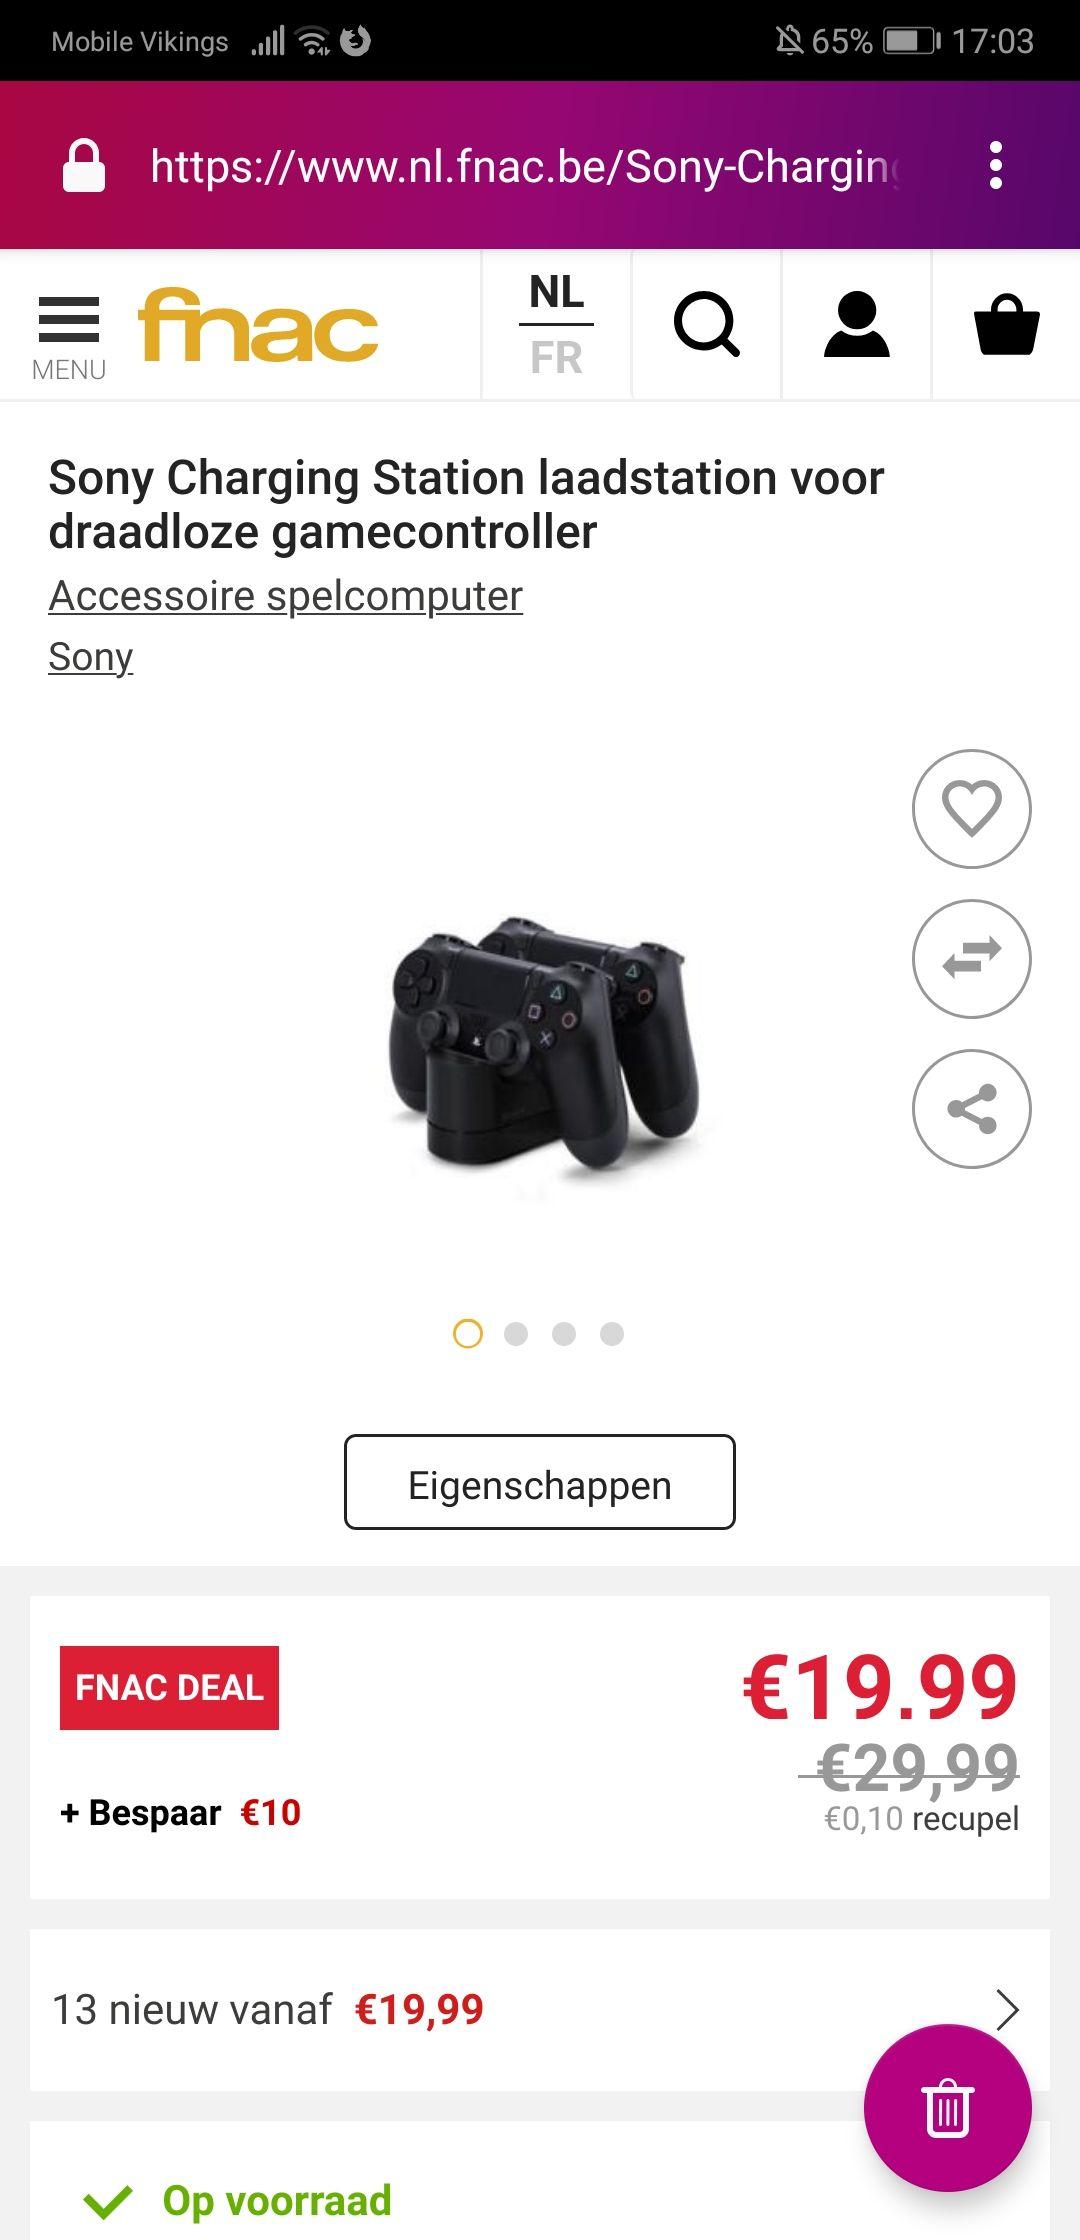 (BE) Sony DualShock Laadstation (ps4) voor 19,99 ipv 29,99